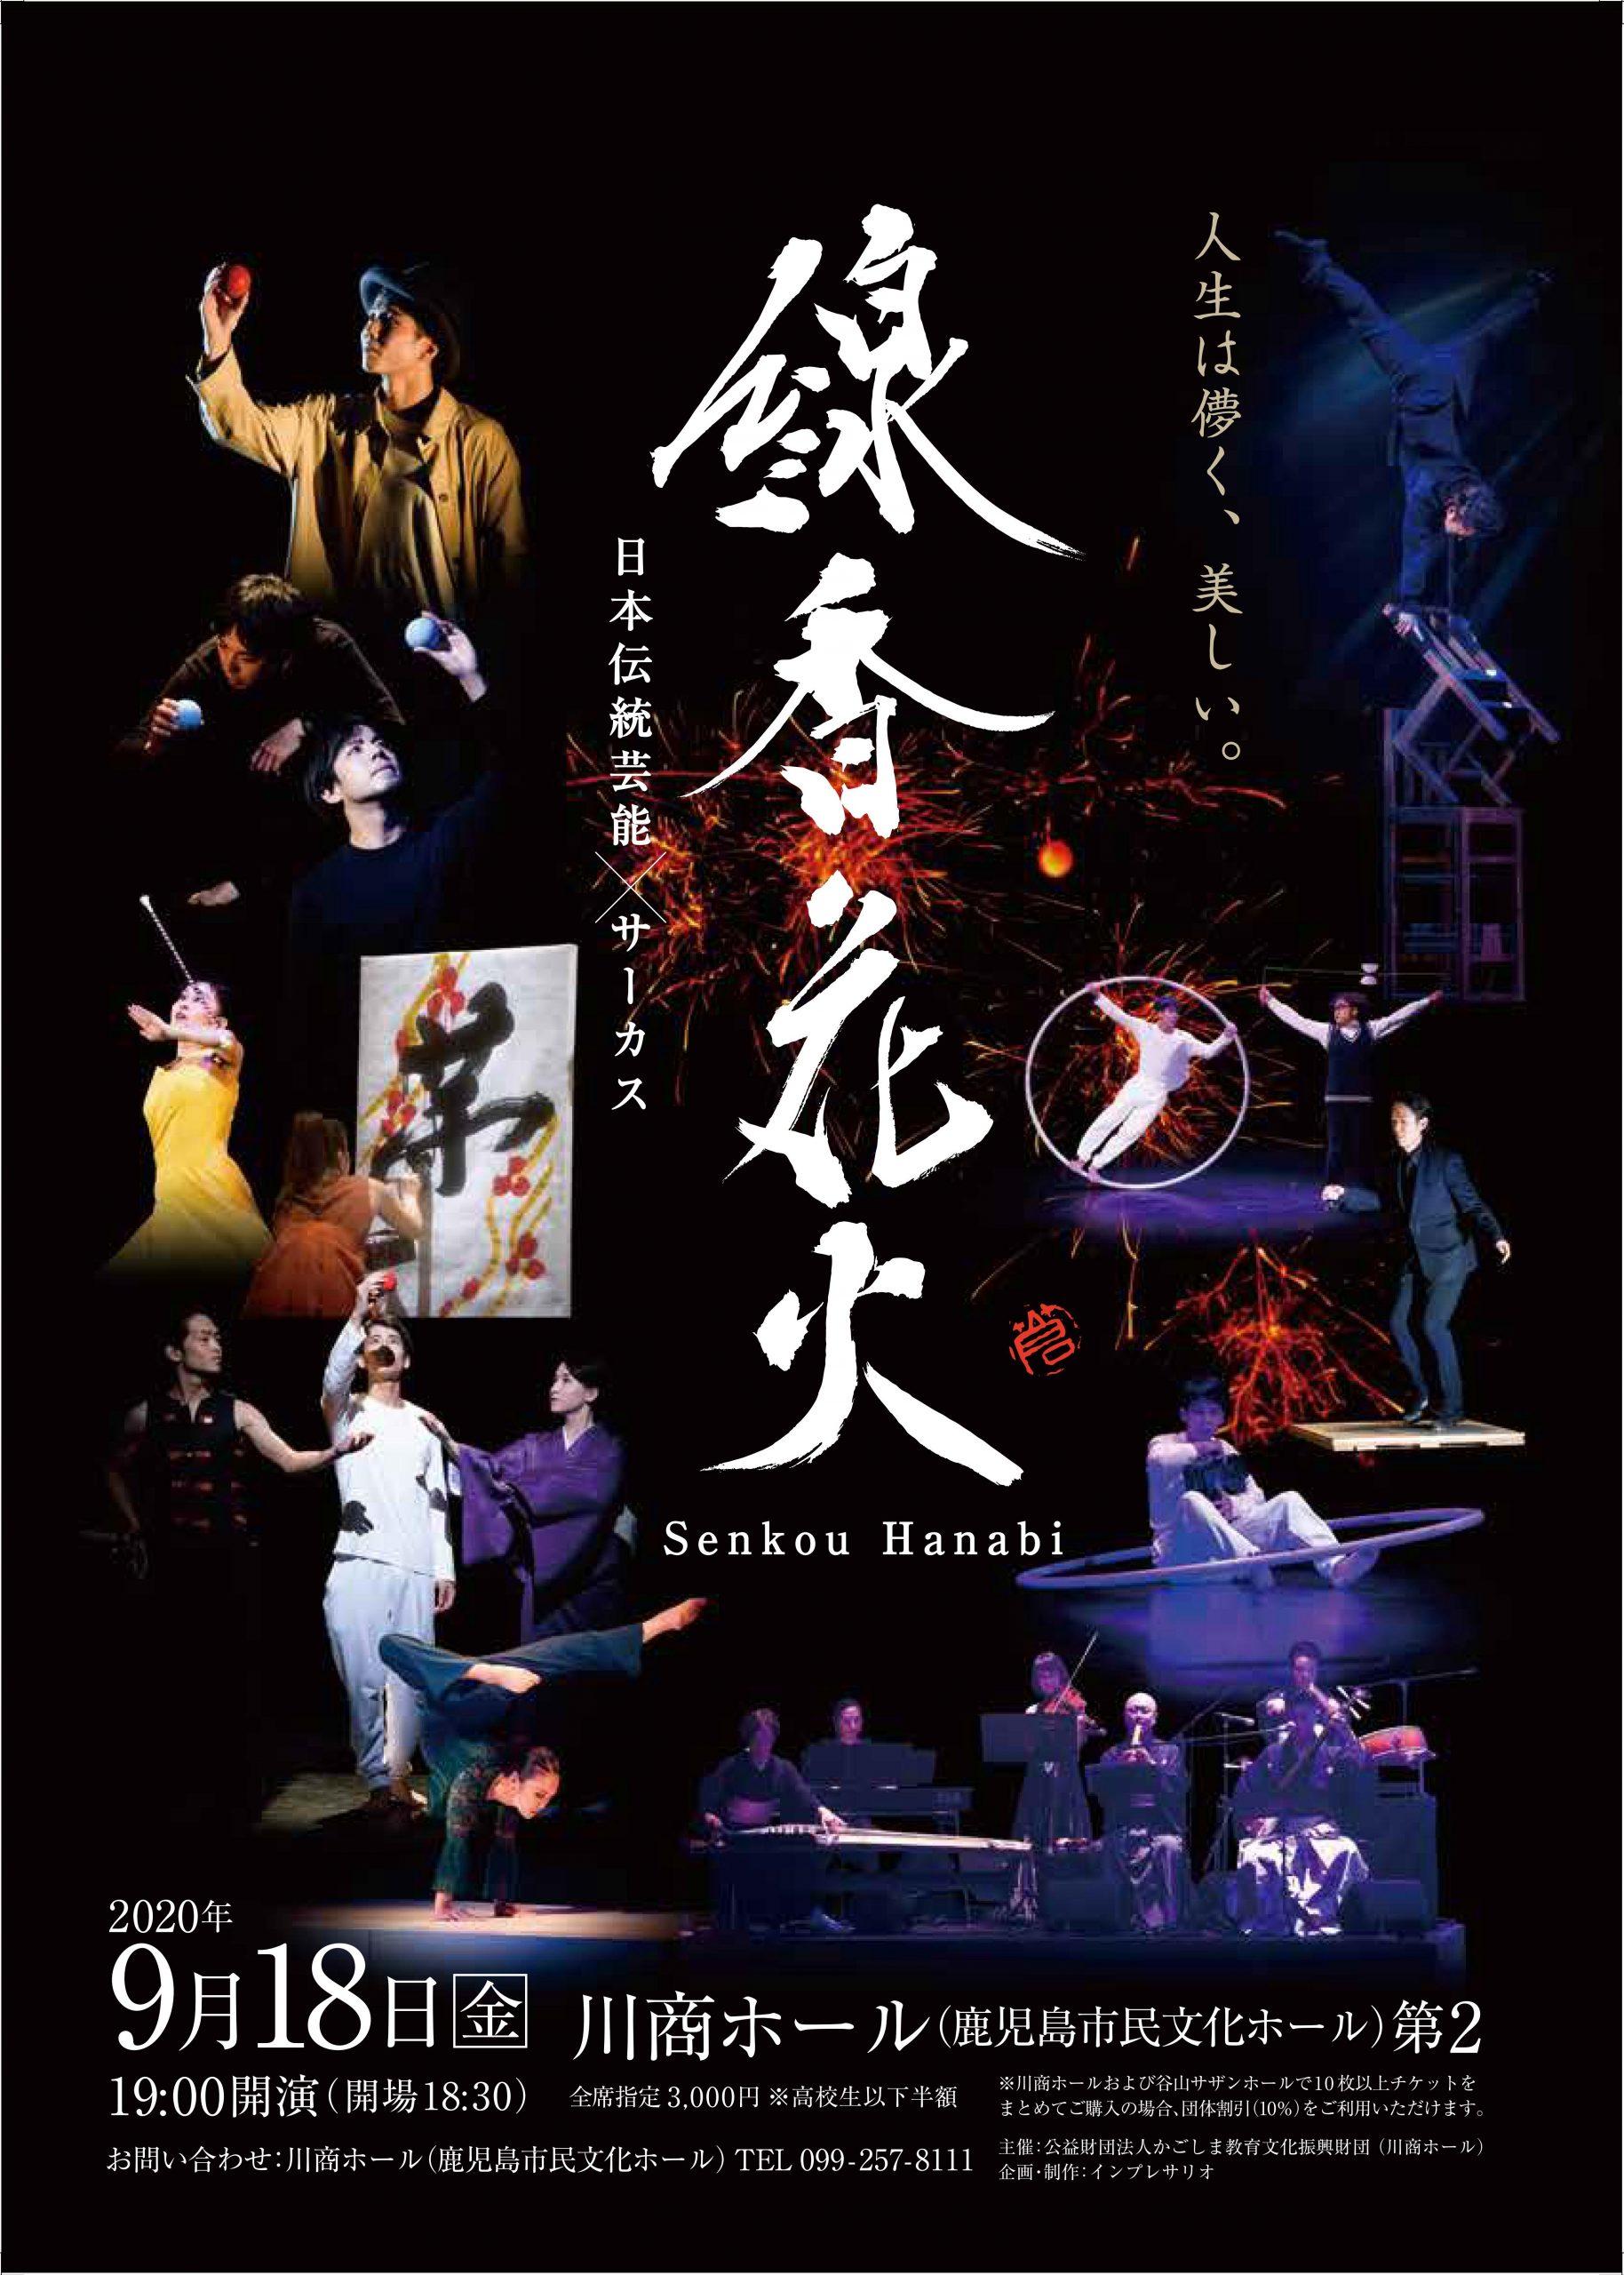 日本伝統芸能×サーカス「線香花火」